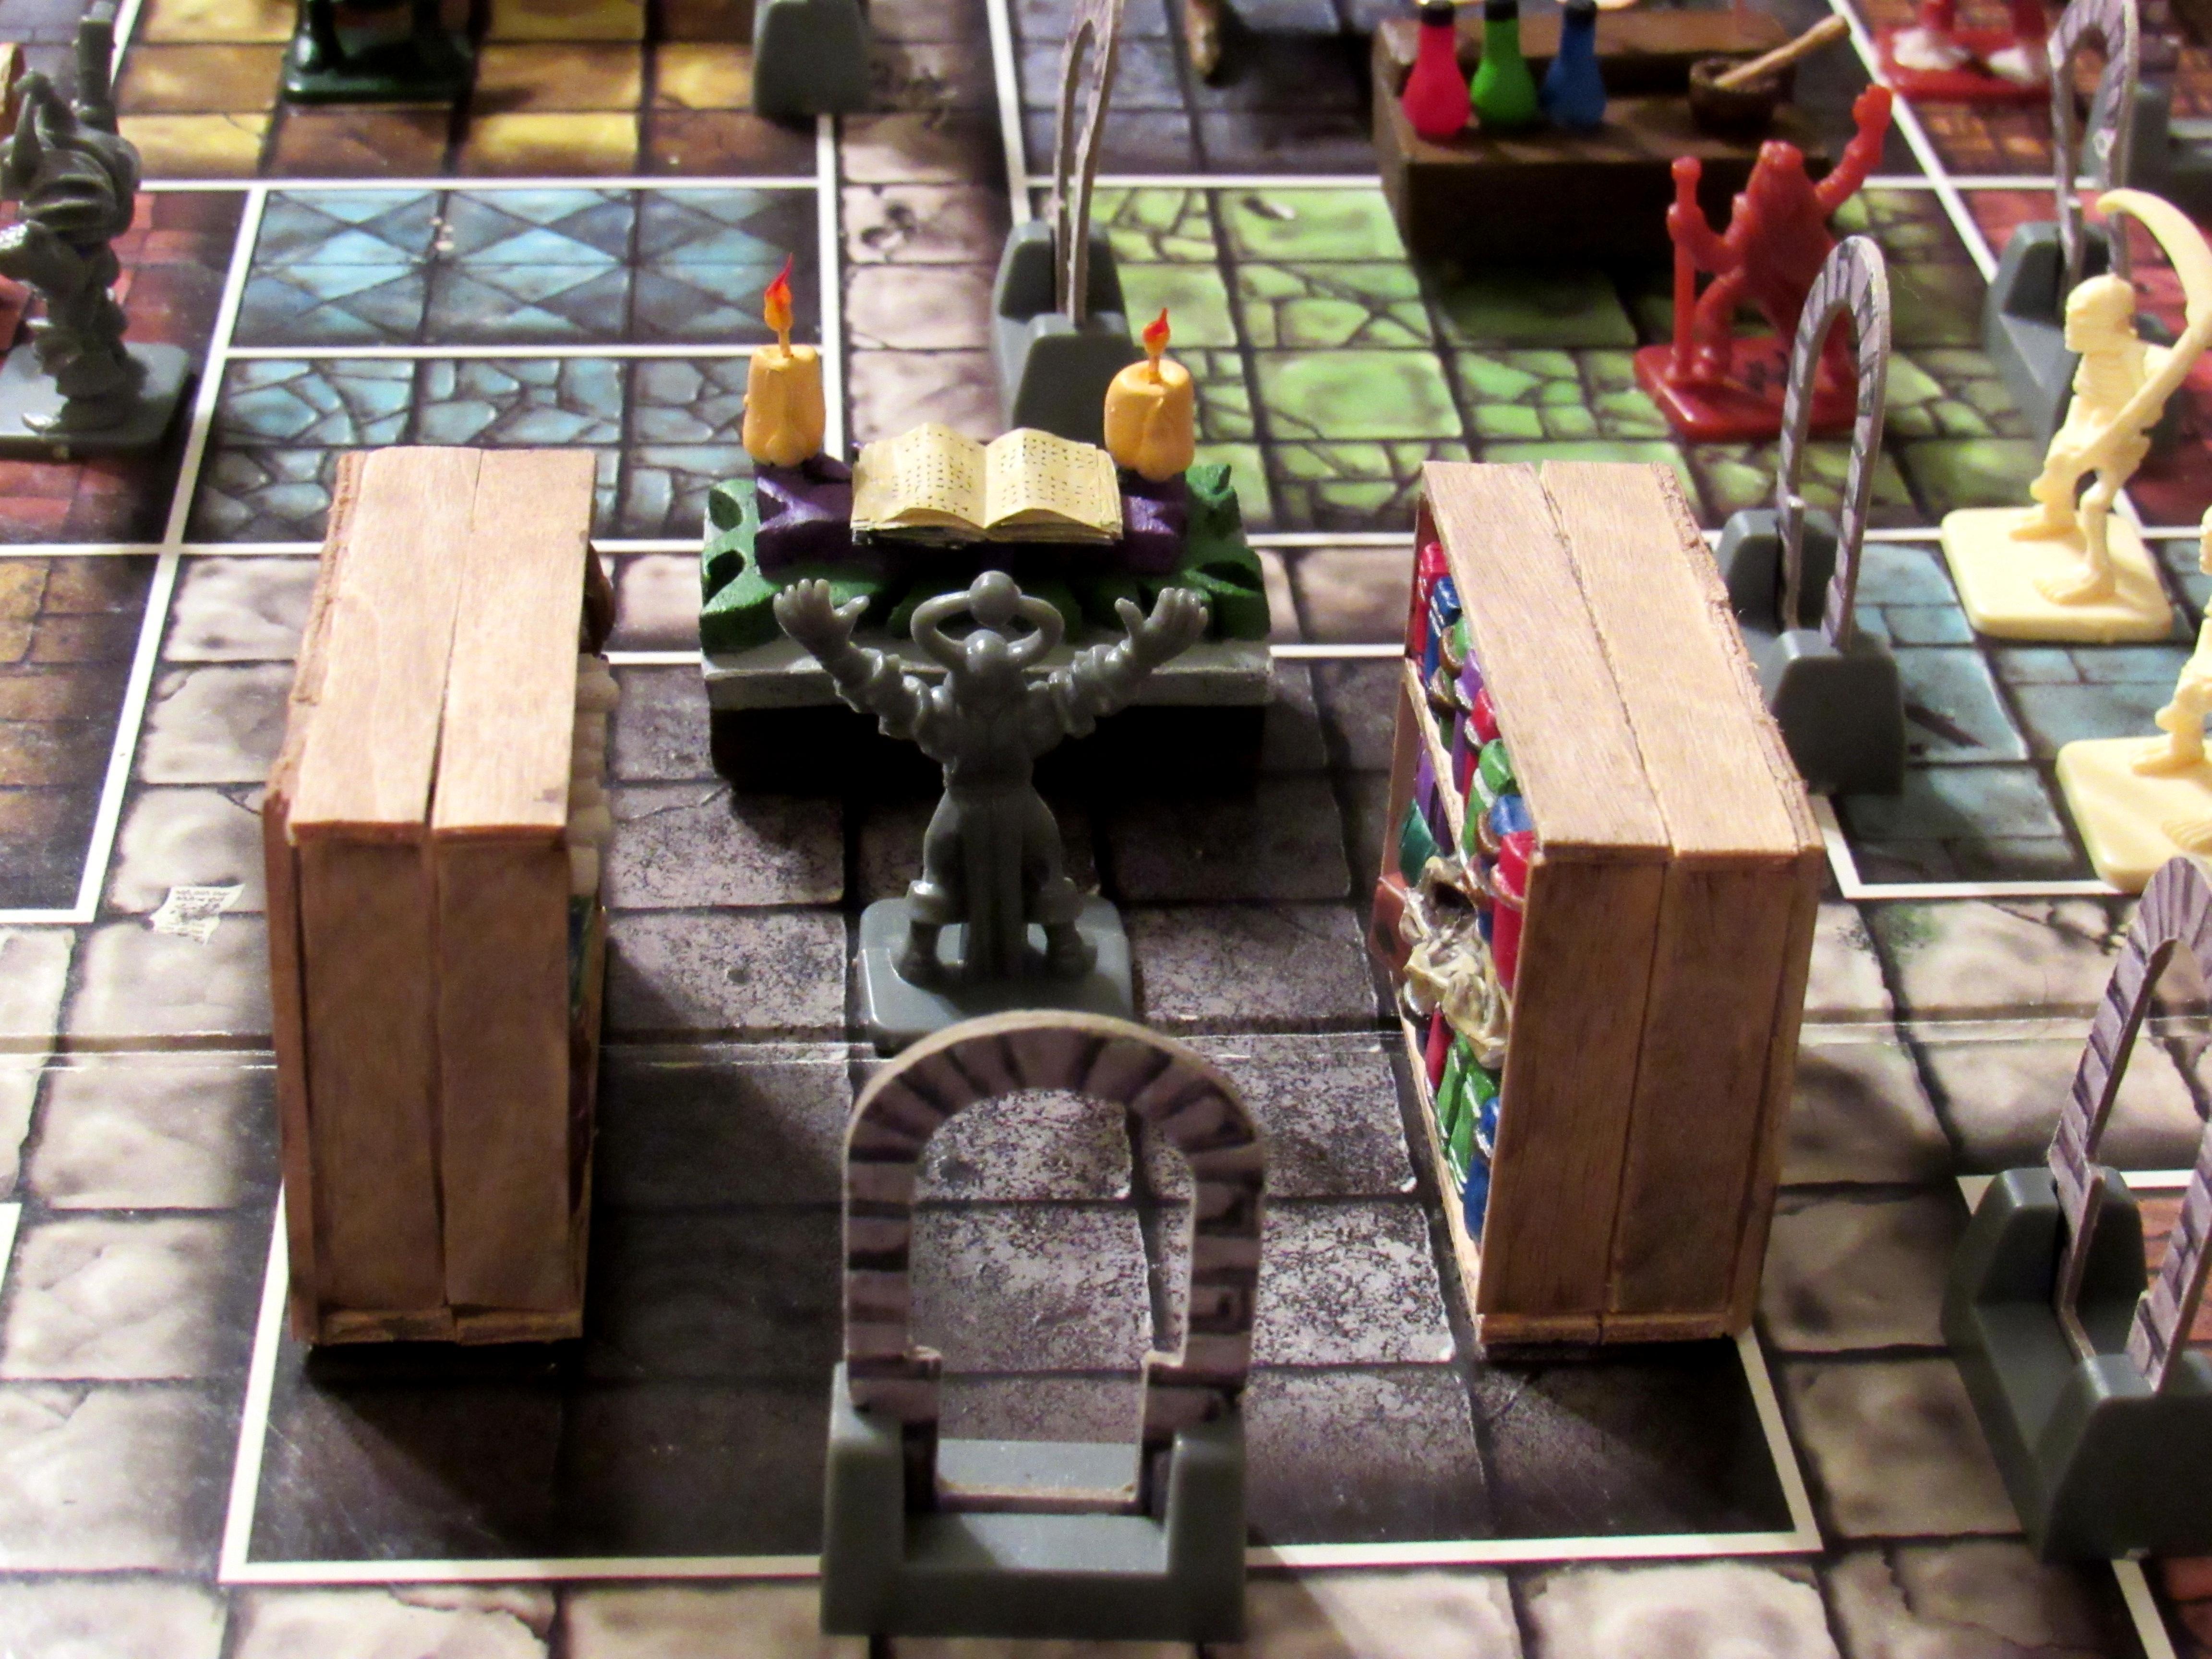 Hero Quest display